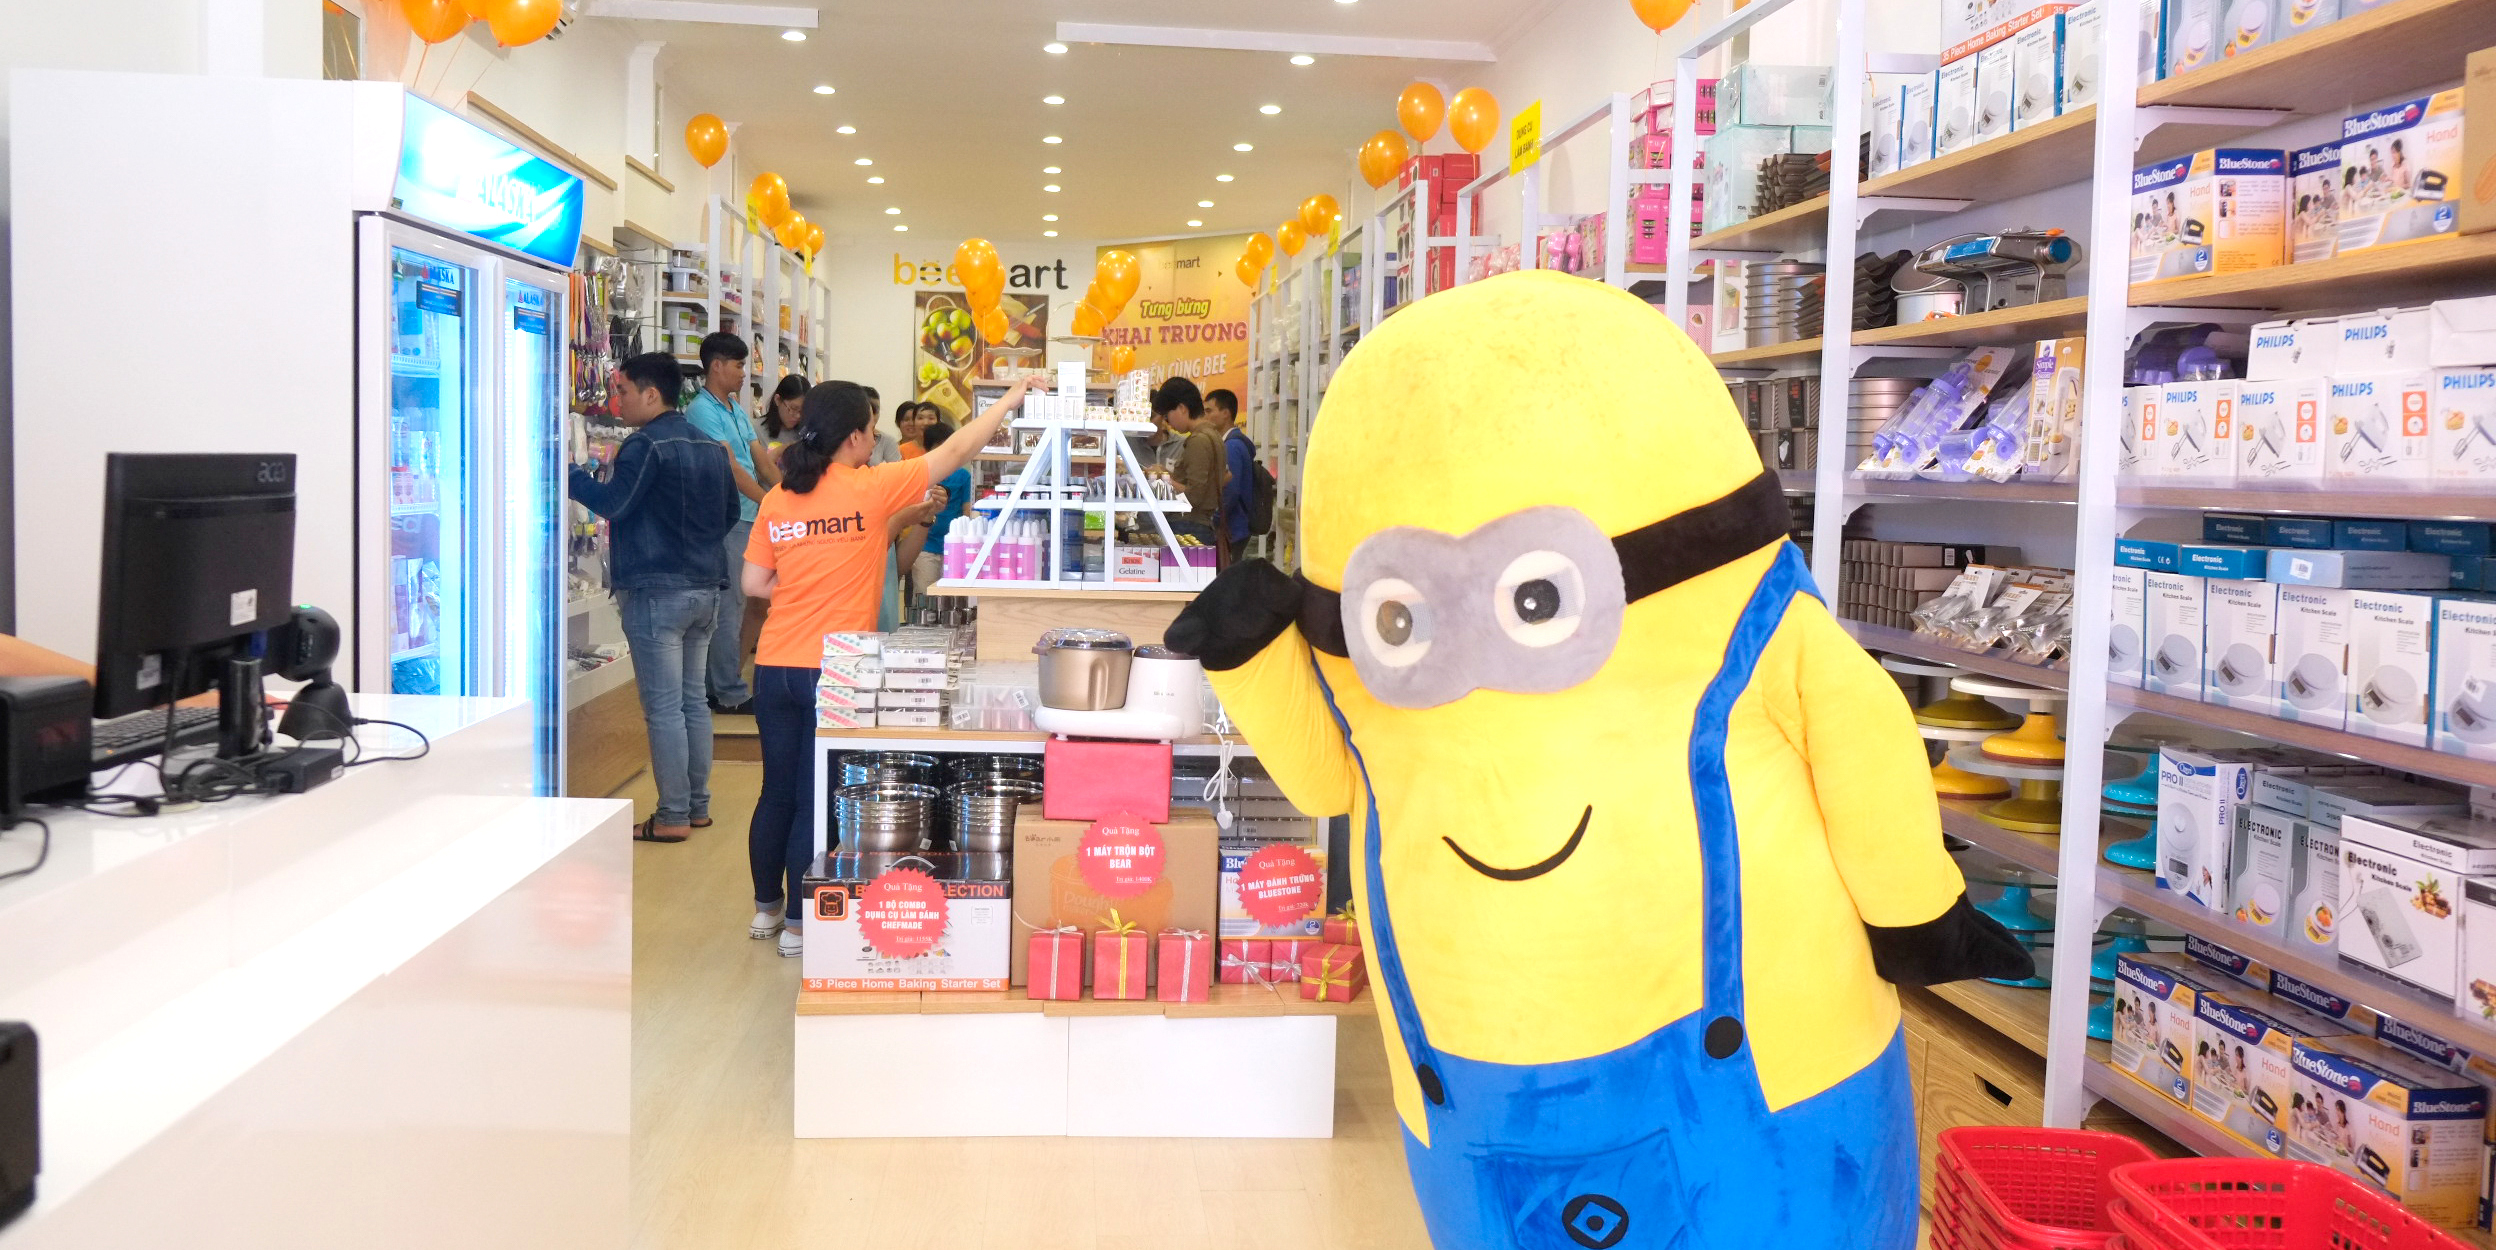 khai-truong-beemart beemart Beemart ra mắt cửa hàng thứ 4, chính thức Nam tiến sau 2 năm thành lập anh 12